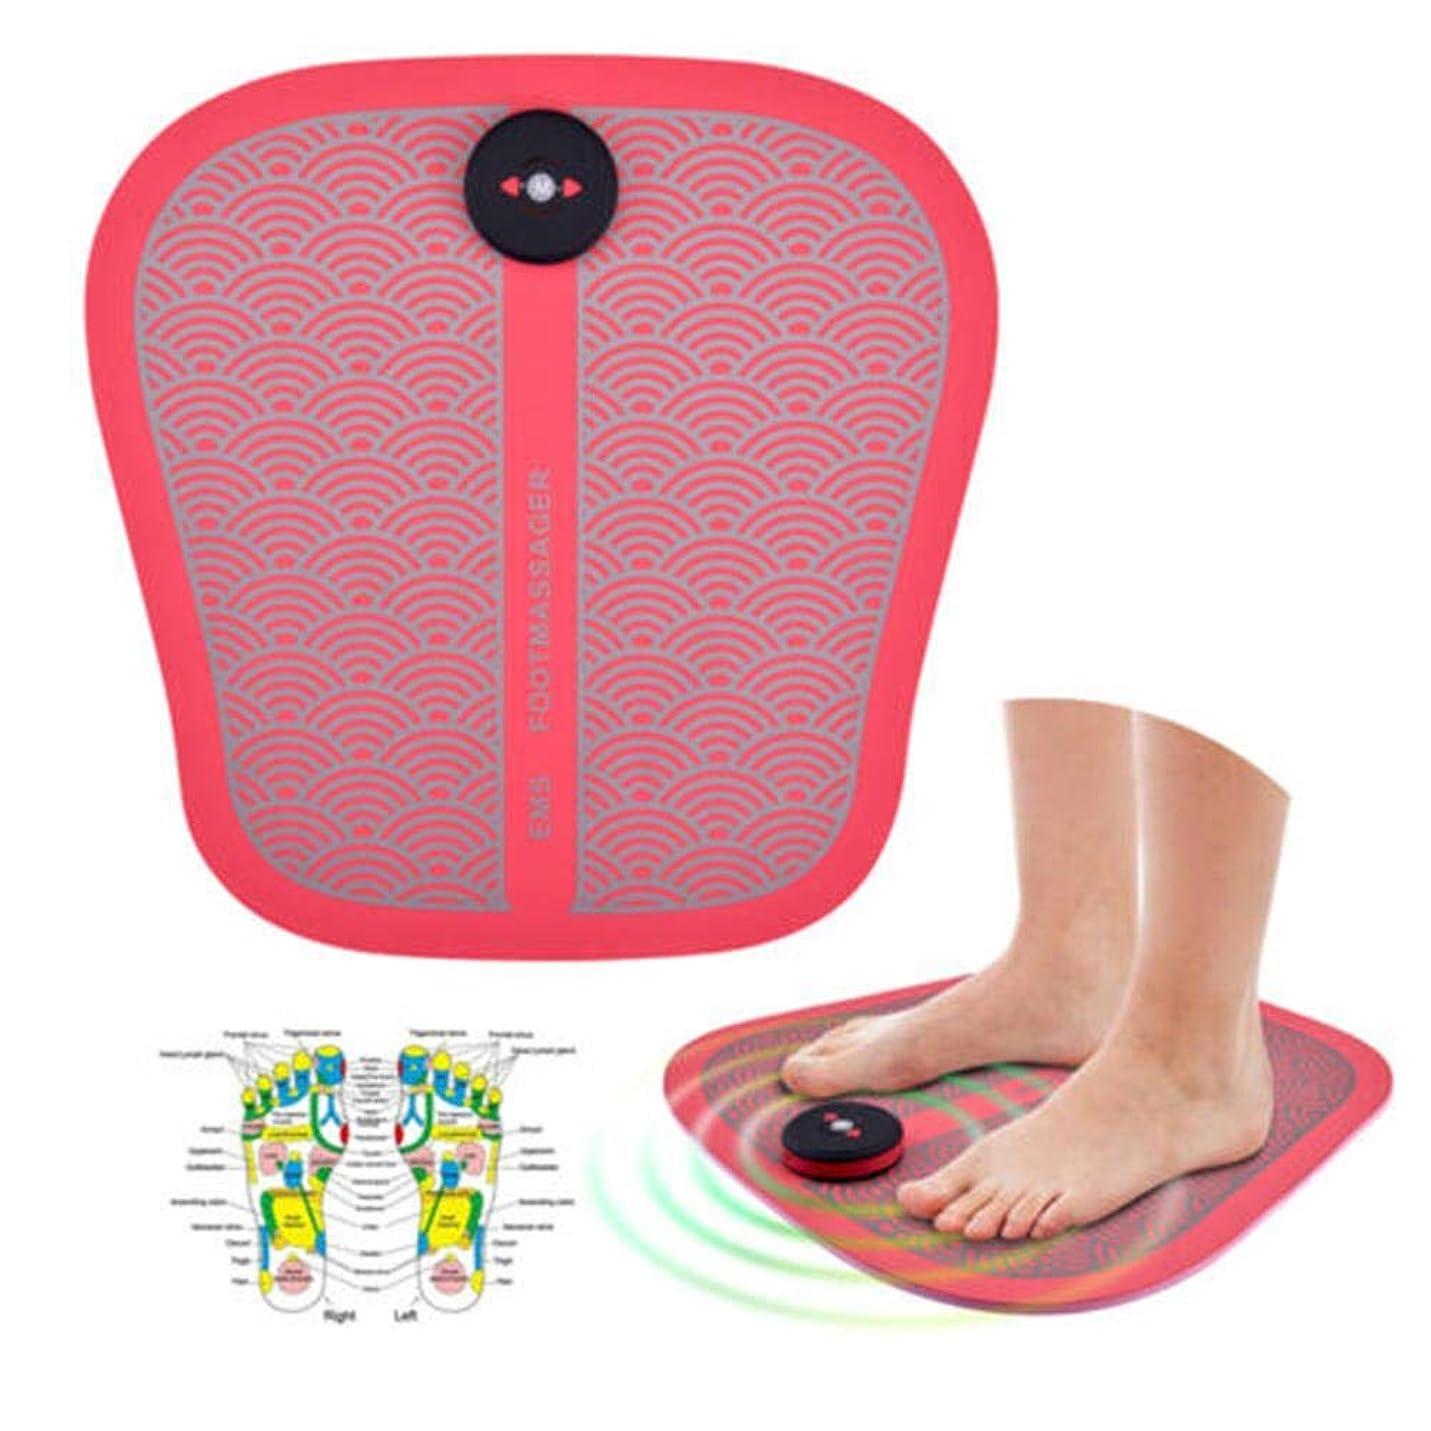 繰り返し強化する燃やすCckrmフットマッサージディープティッシュニーディング、リモートコントロールフィートマッサージャー、切り替え可能な熱、指圧フットマッサージマシンは、ホームオフィスの足の痛みを和らげます